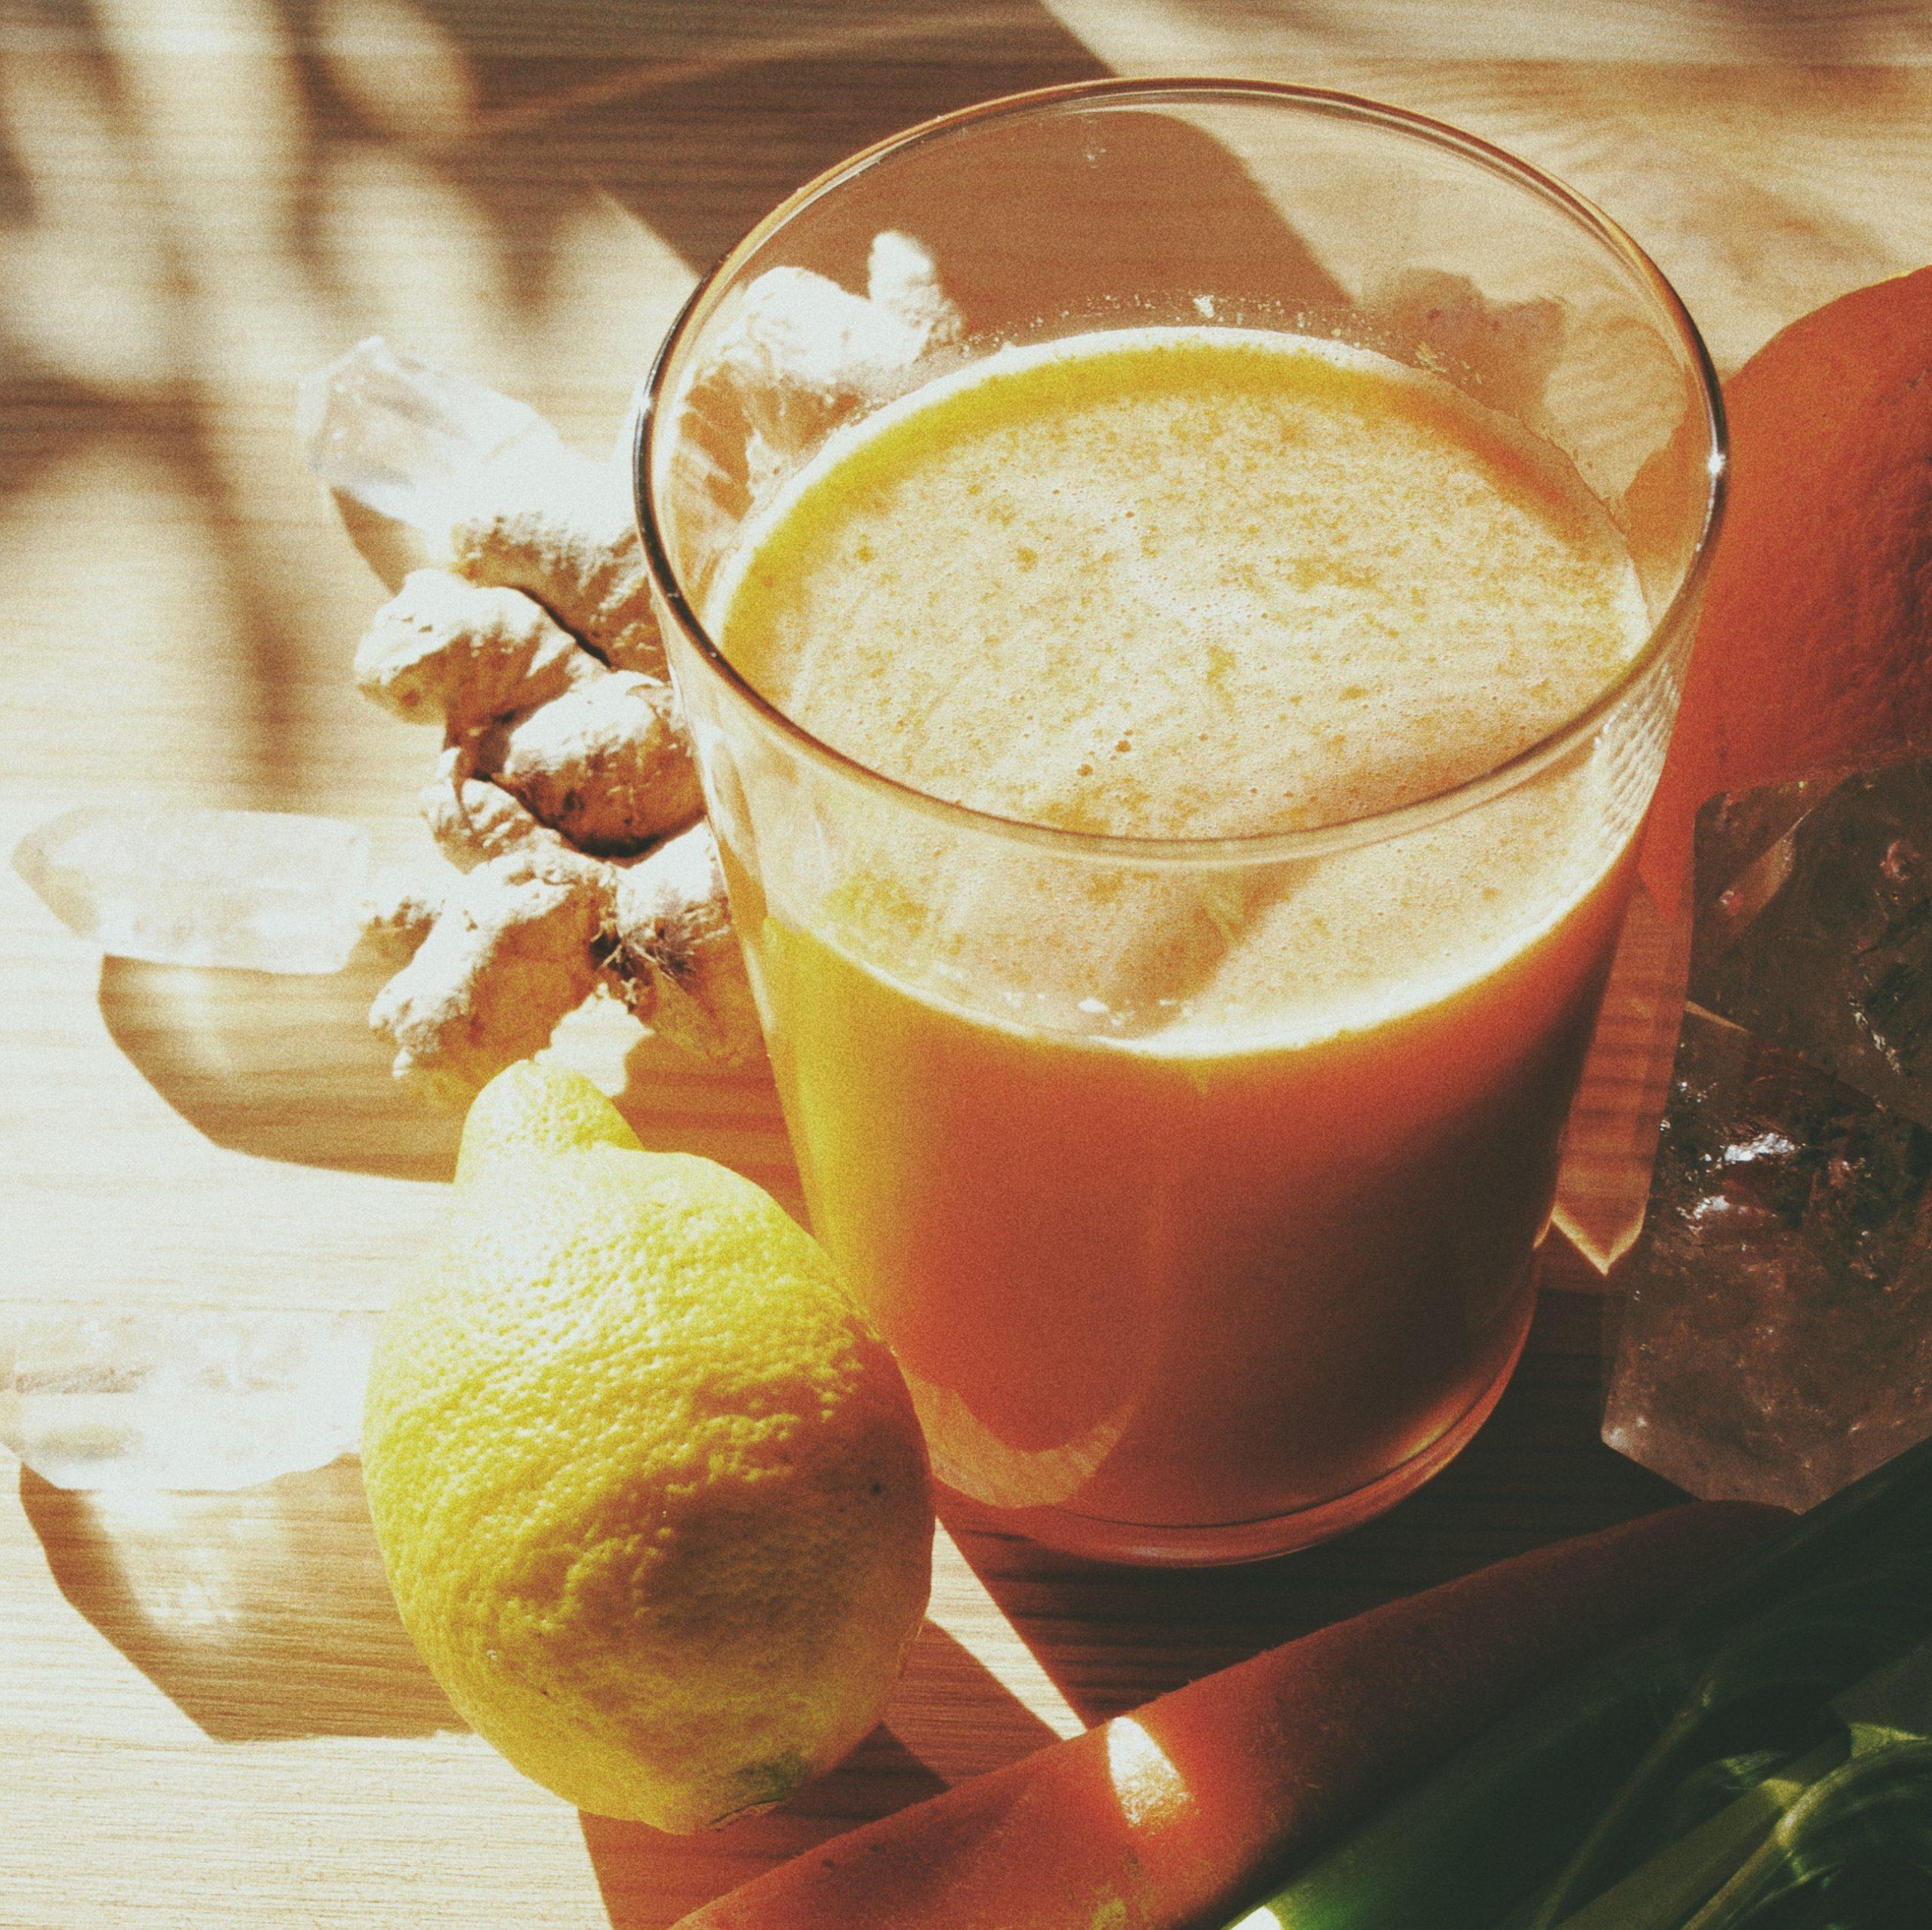 bodegón de zumo multivitamínico reconstituyente de naranja, limón, jengibre y apio